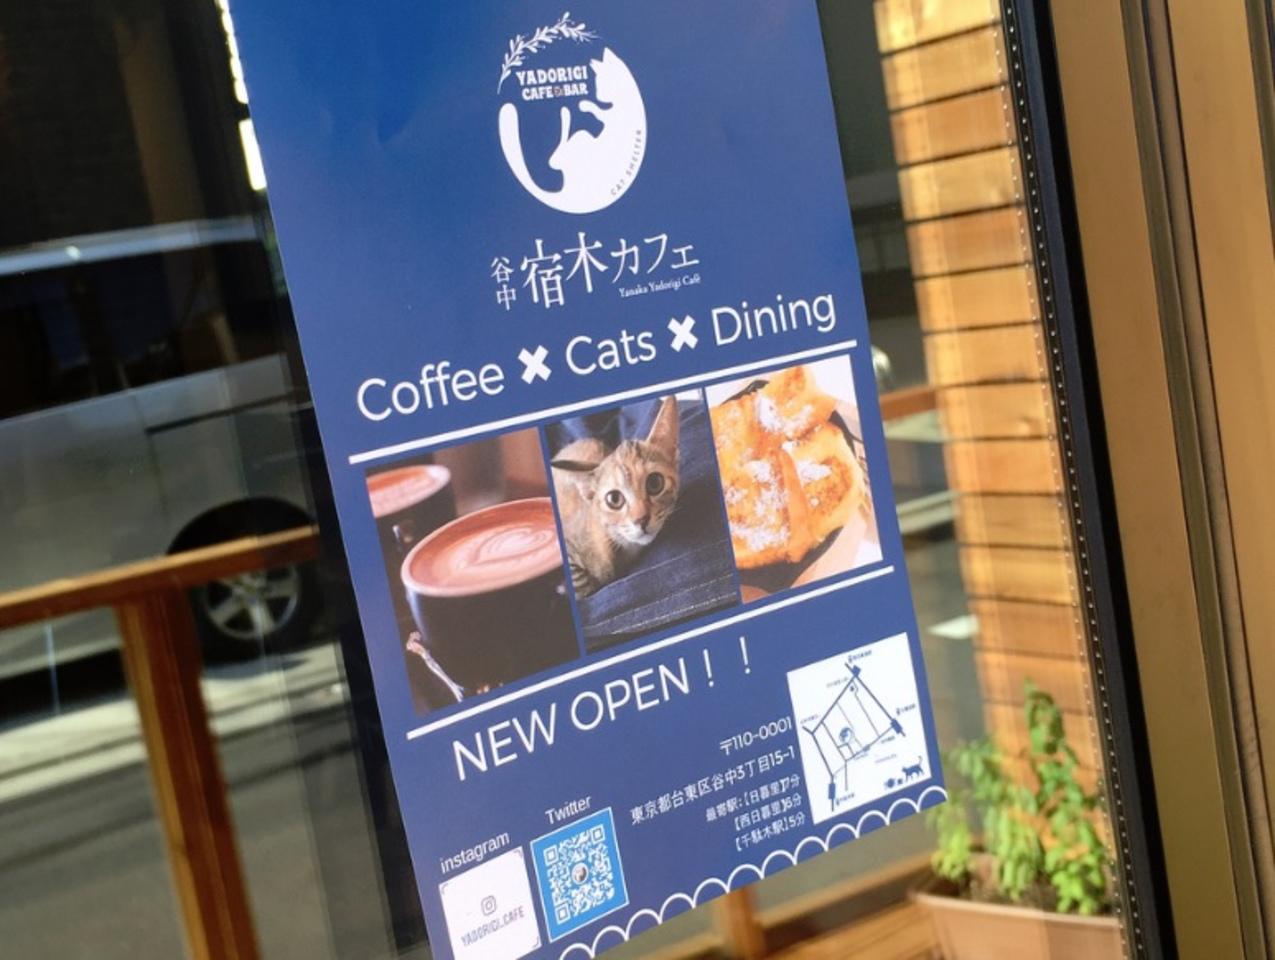 保護猫と過ごすシェルター併設カフェ...台東区谷中に『宿木カフェ」プレオープン。